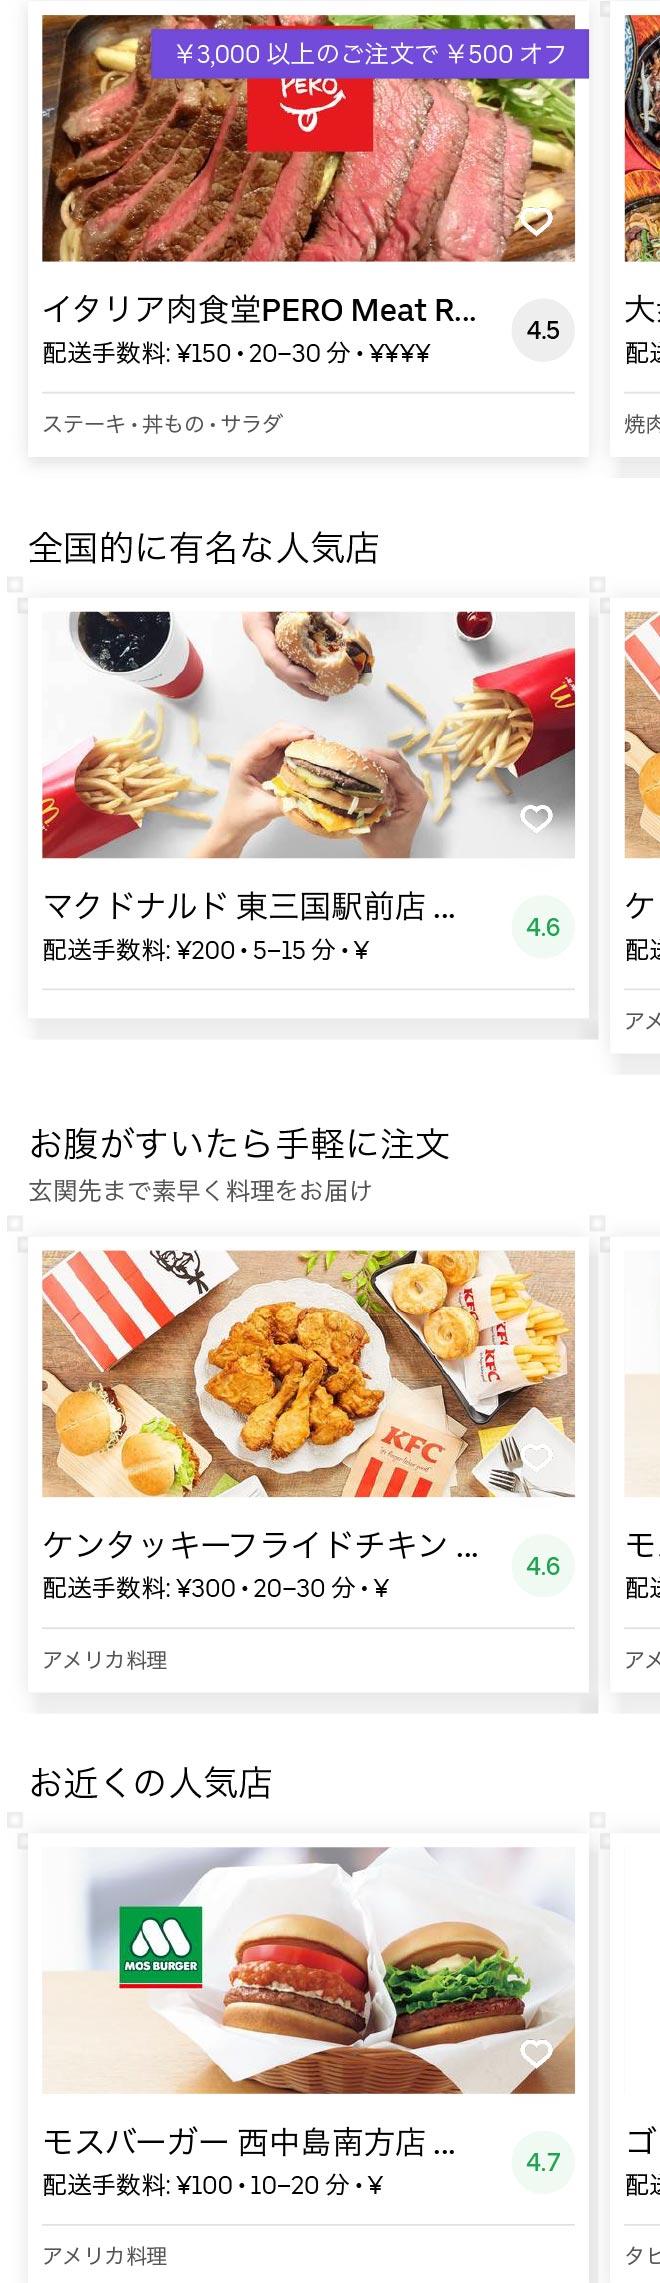 Osaka shin osaka menu 2005 01